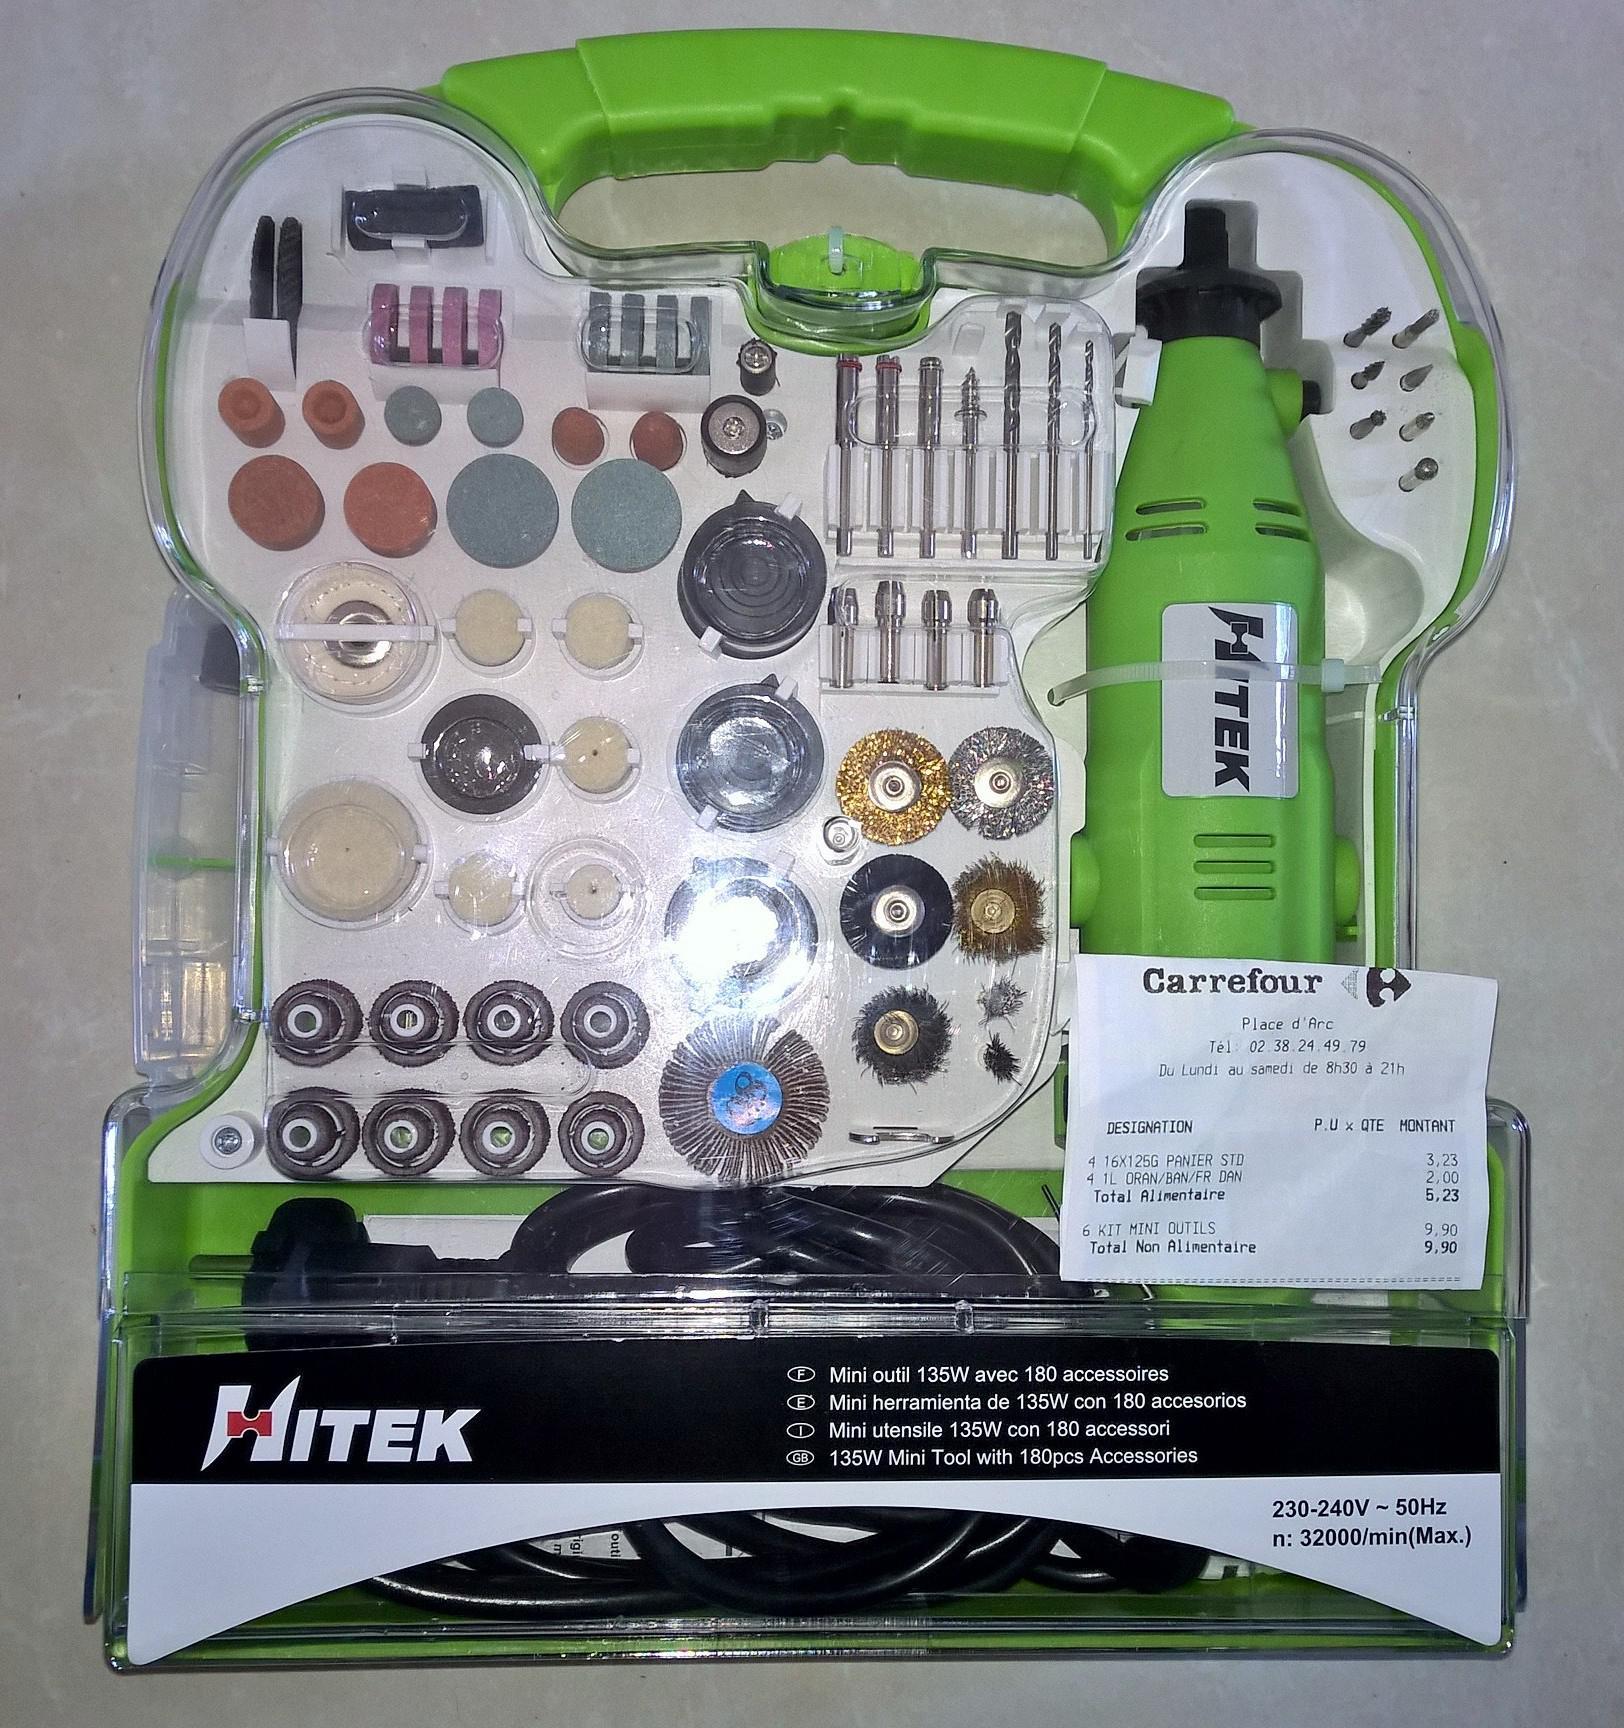 Mini outil 135W Hitek + 180 accessoires